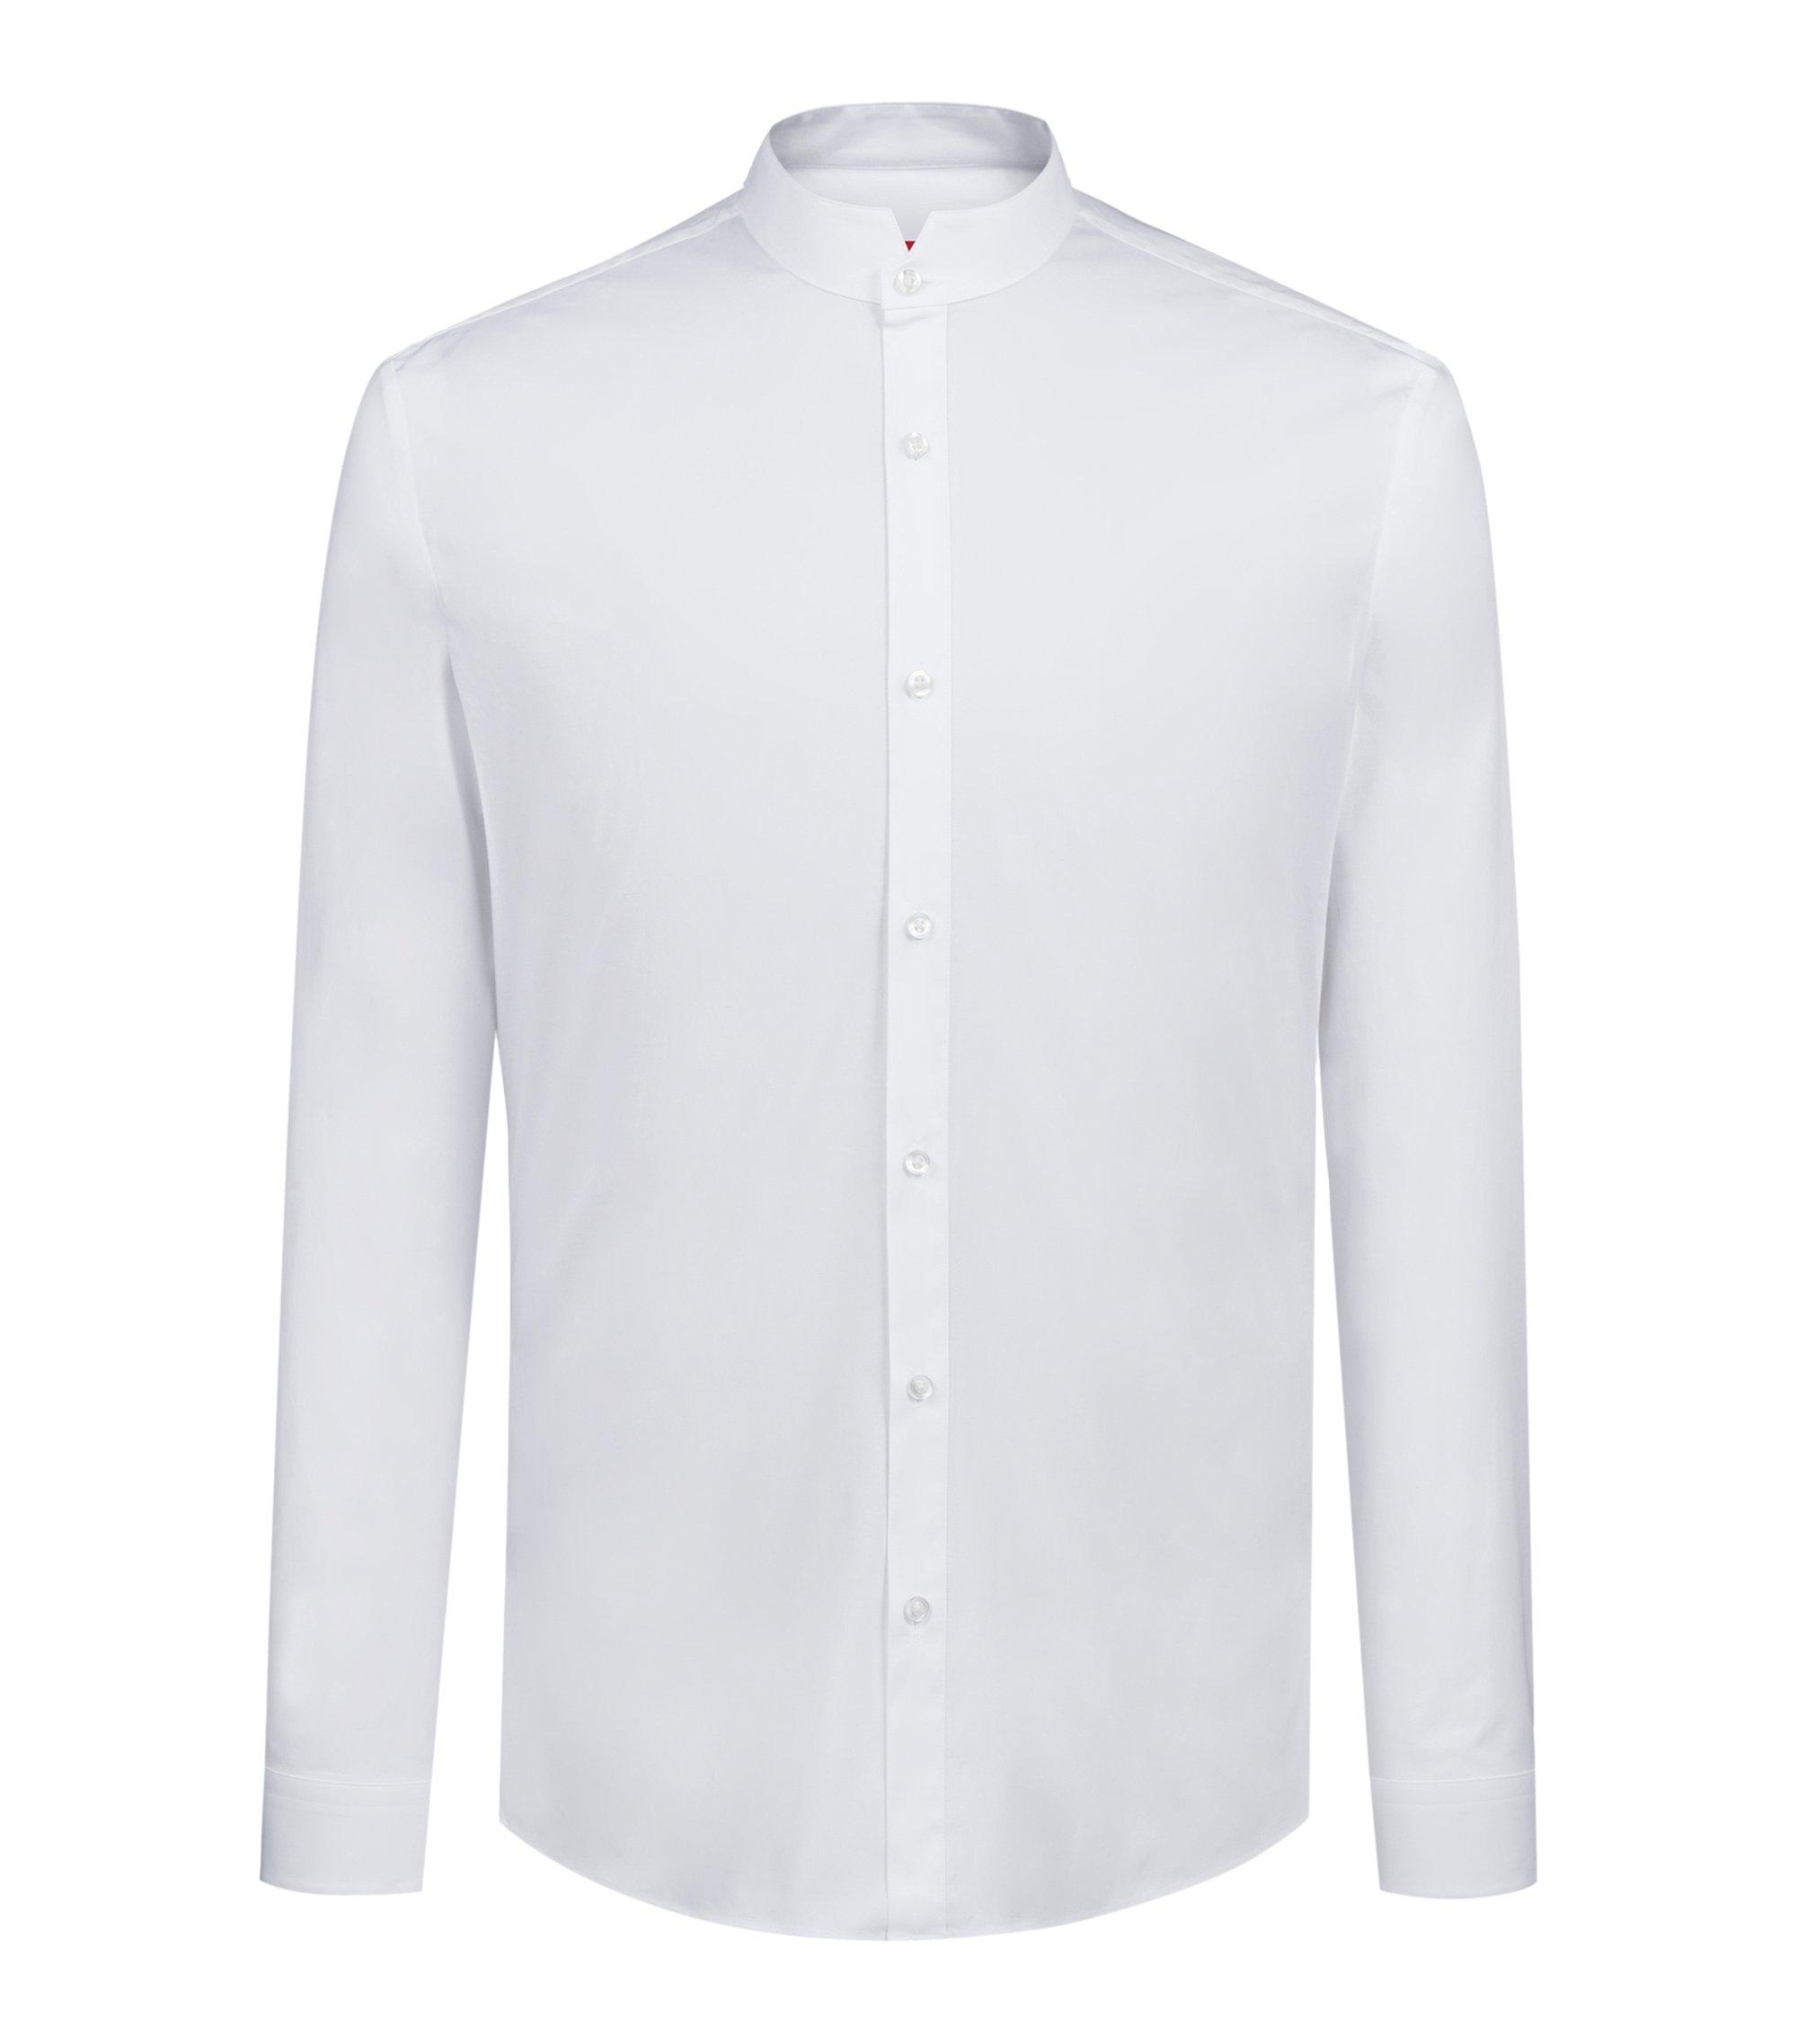 Chemise Extra Slim Fit à col montant en coton stretch, Blanc